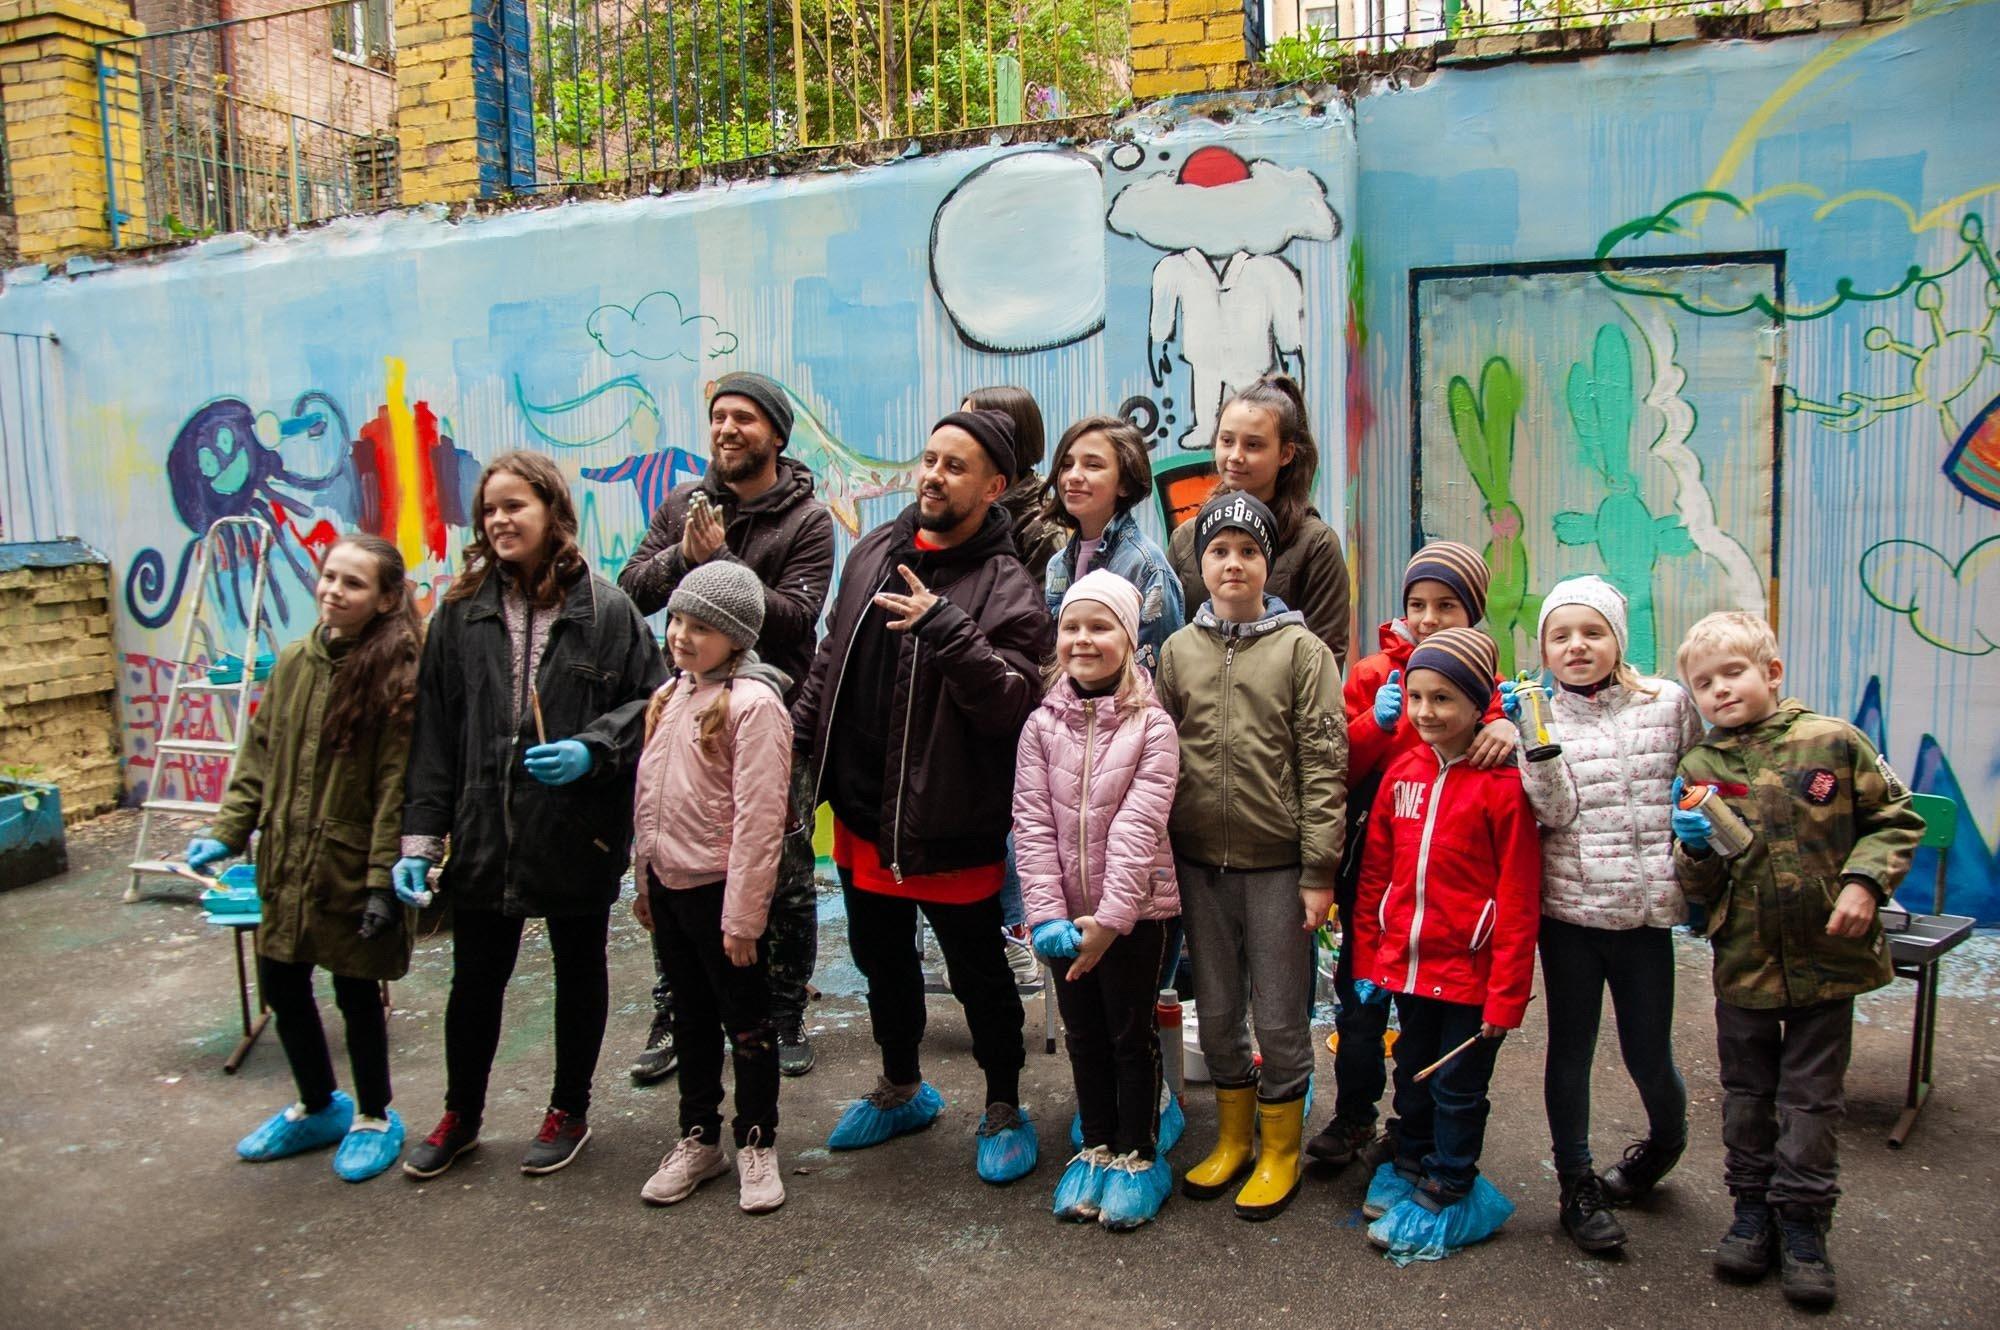 Діти створили мурал у Києві для нового альбому MONATIKa